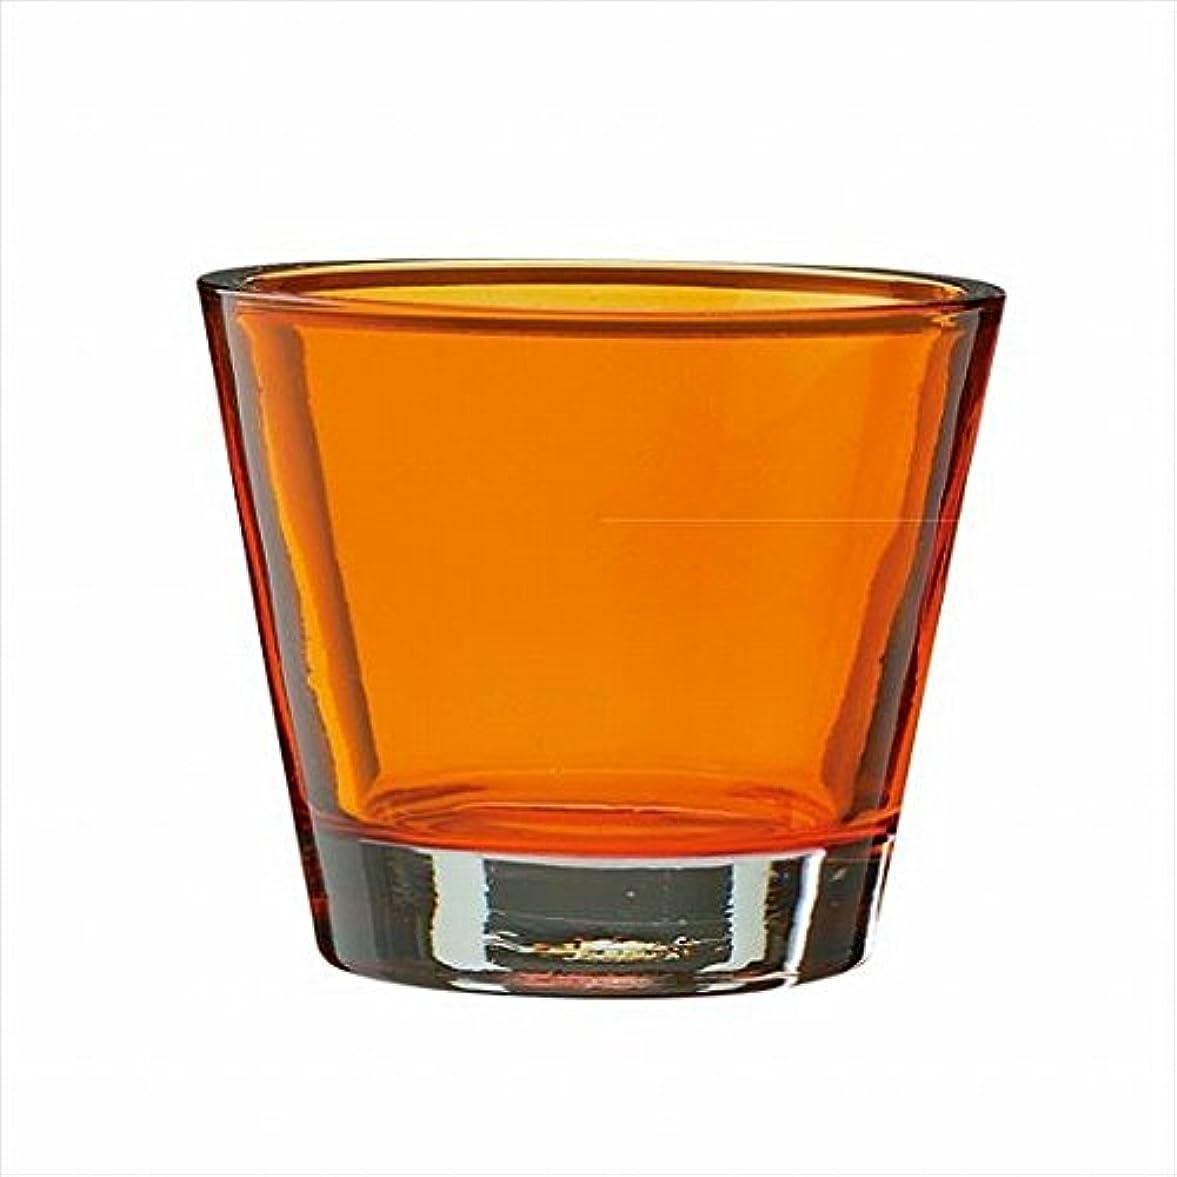 理容師スタウト軽減するカメヤマキャンドル(kameyama candle) カラリス 「 オレンジ 」